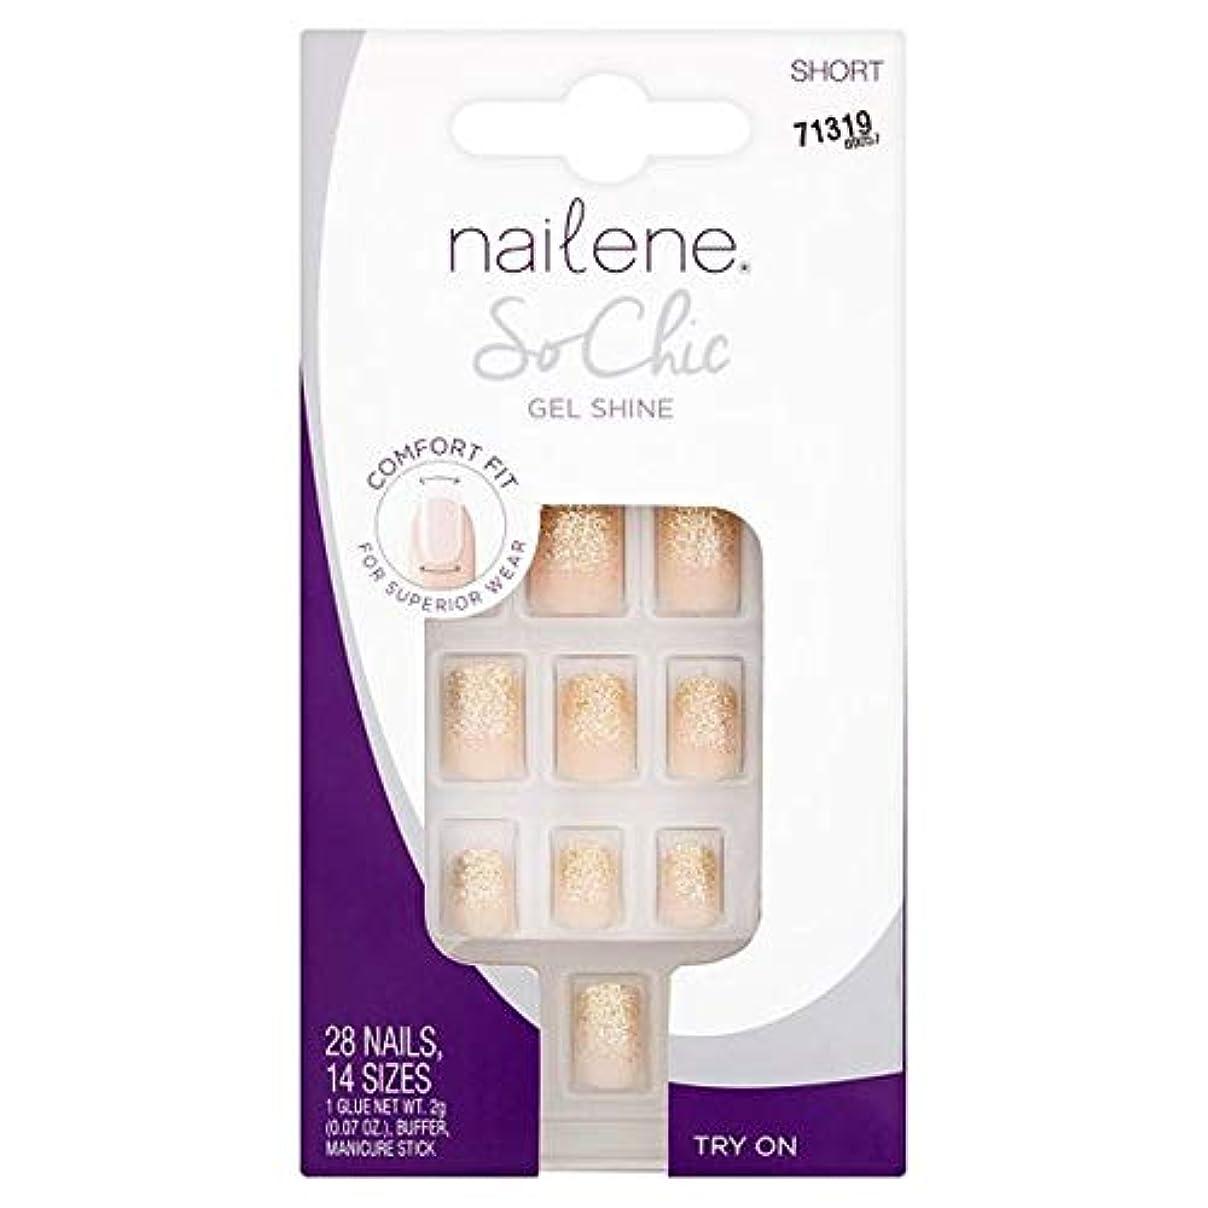 決定するシャンパンアクチュエータ[Nailene] Nailene釘ので、シックなゲル輝き - Nailene Nails So Chic Gel Shine [並行輸入品]